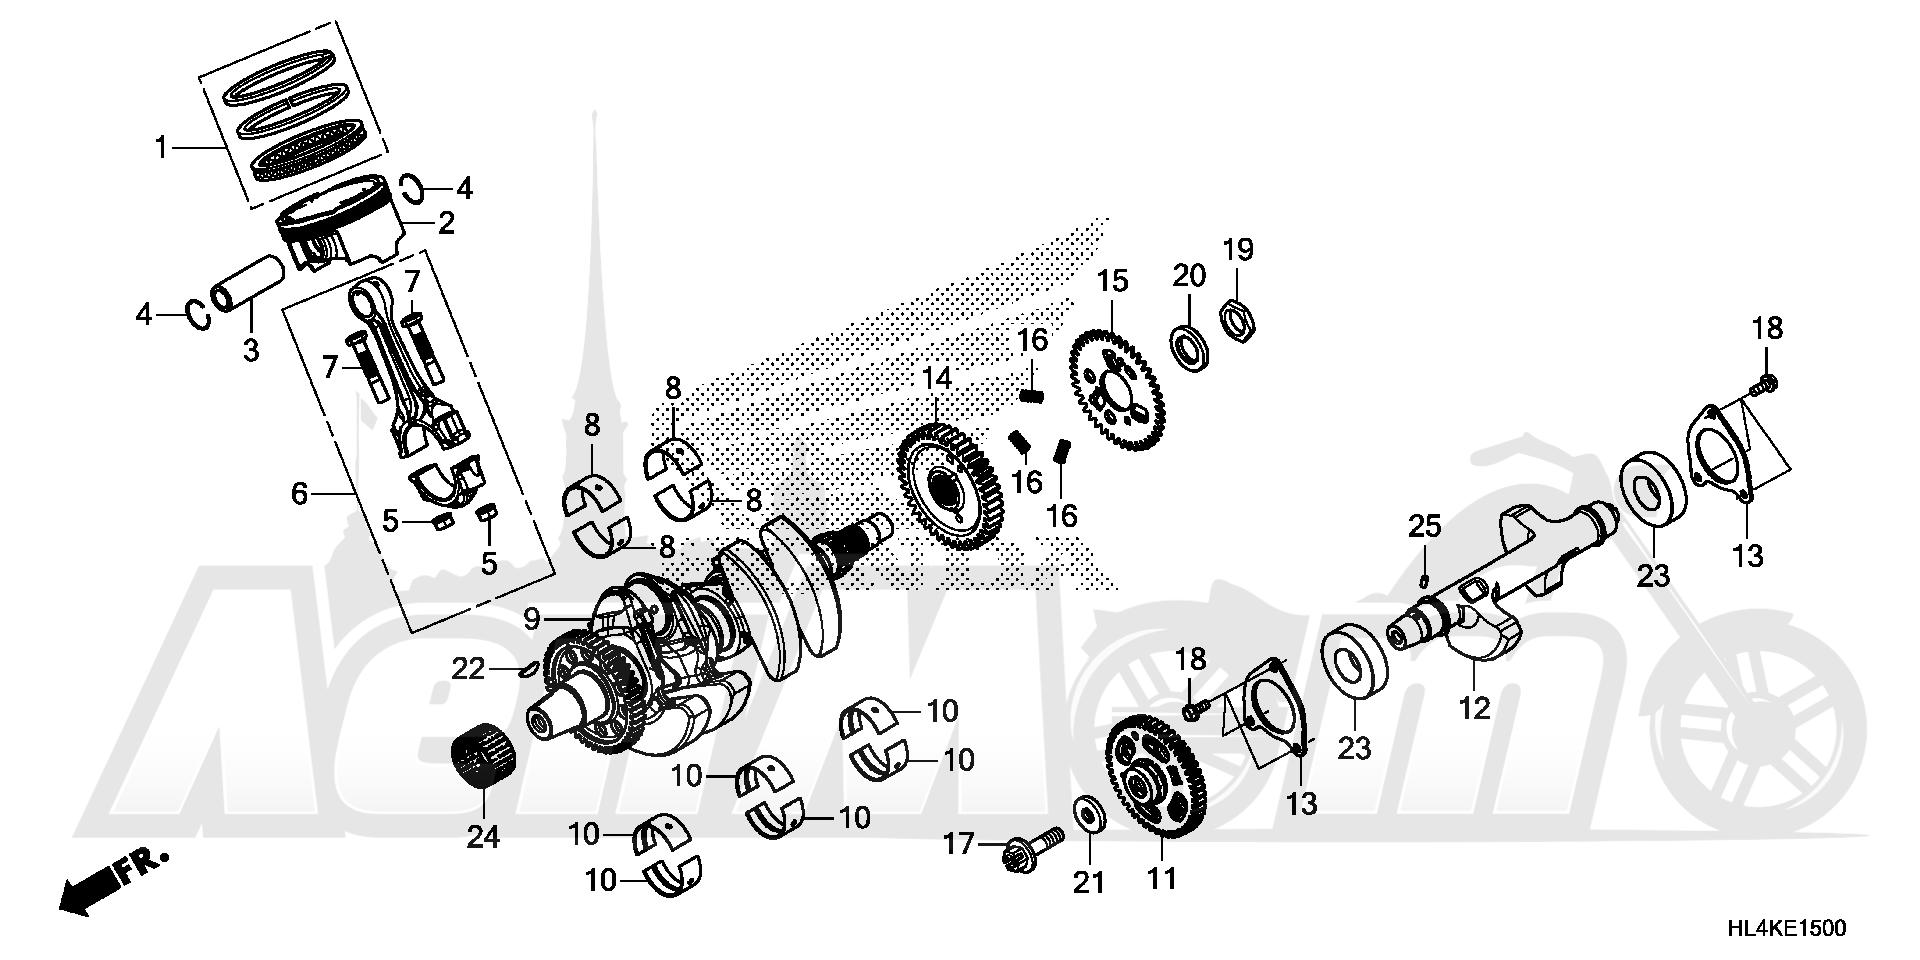 Запчасти для Квадроцикла Honda 2019 SXS1000M5D Раздел: CRANKSHAFT AND PISTON | коленвал и поршень